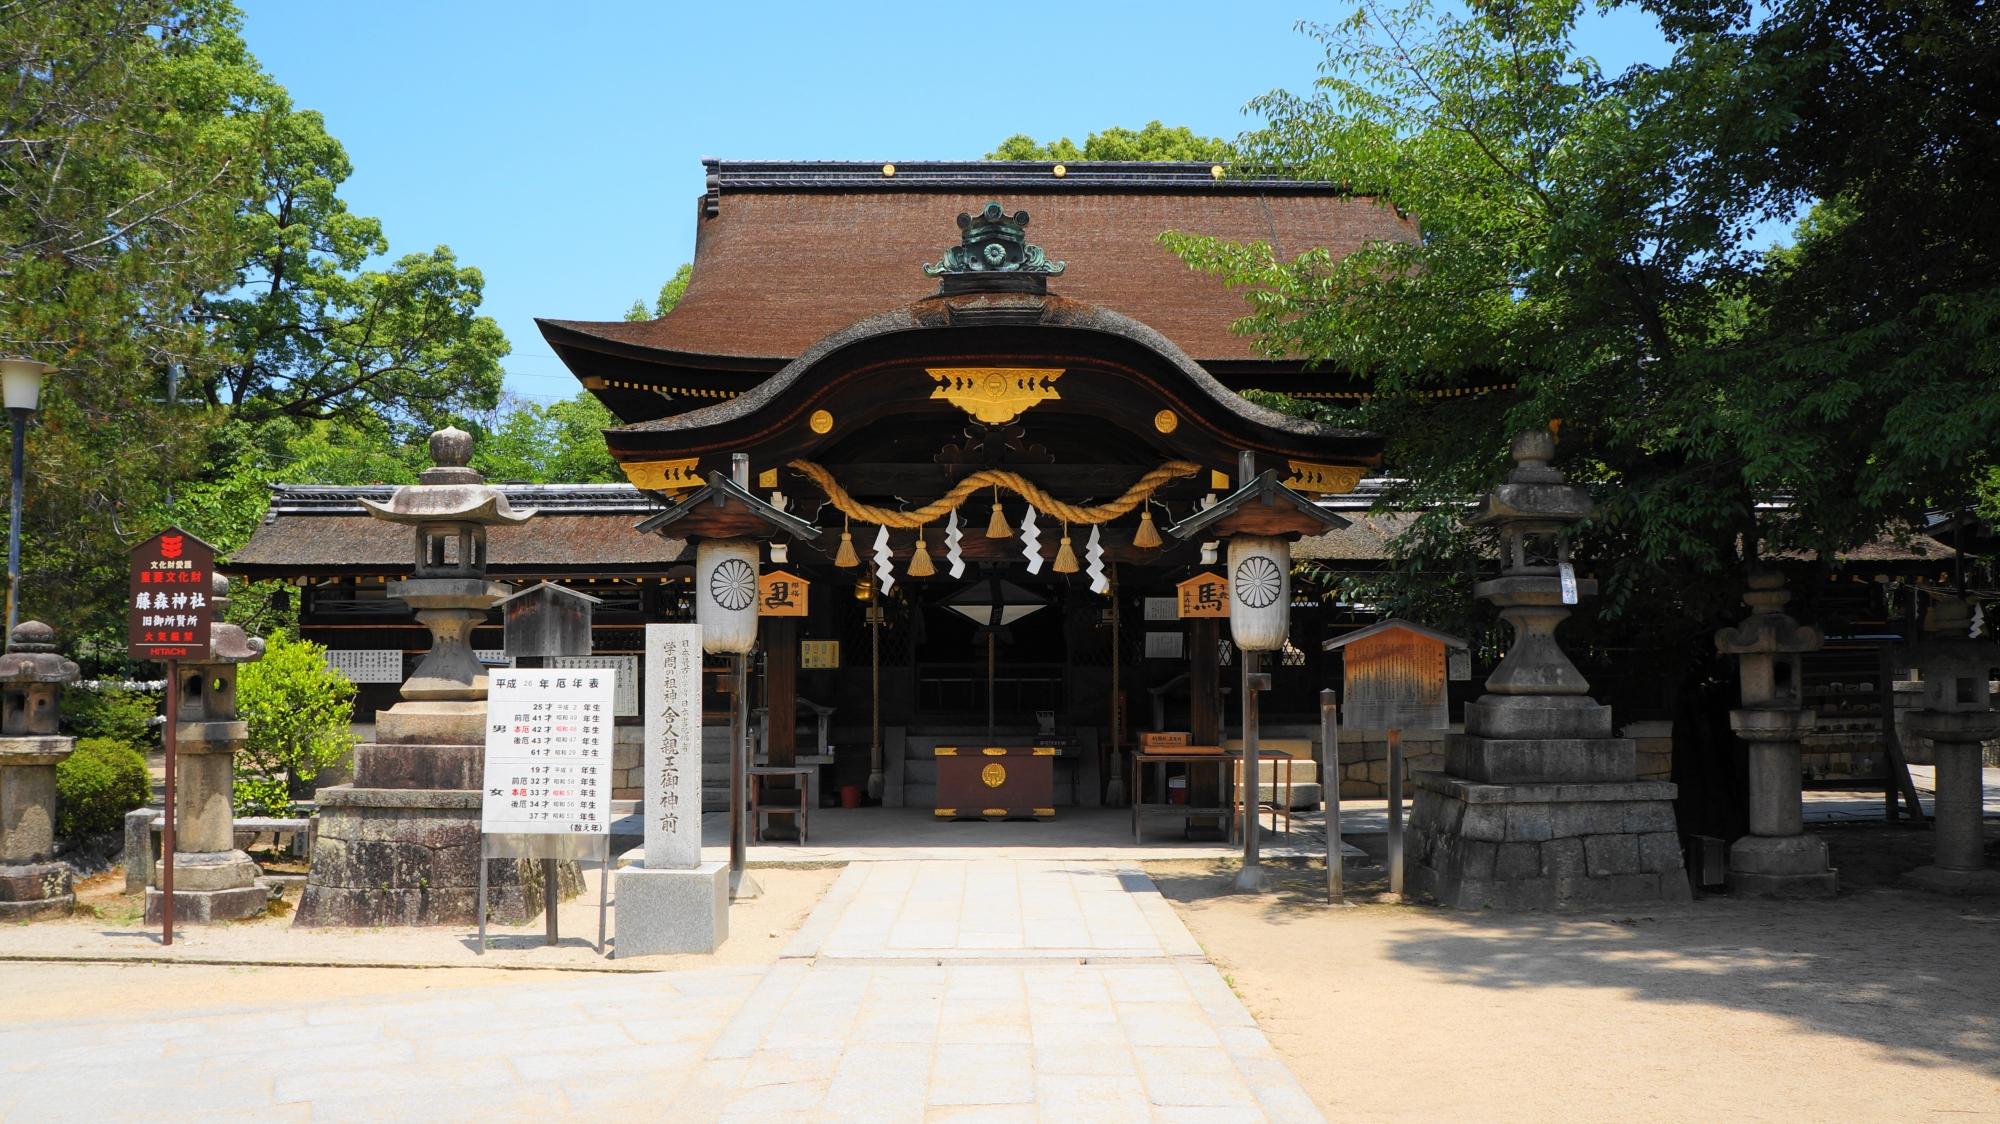 勝負ごとの神様や競馬の神様として知られる藤森神社の本殿